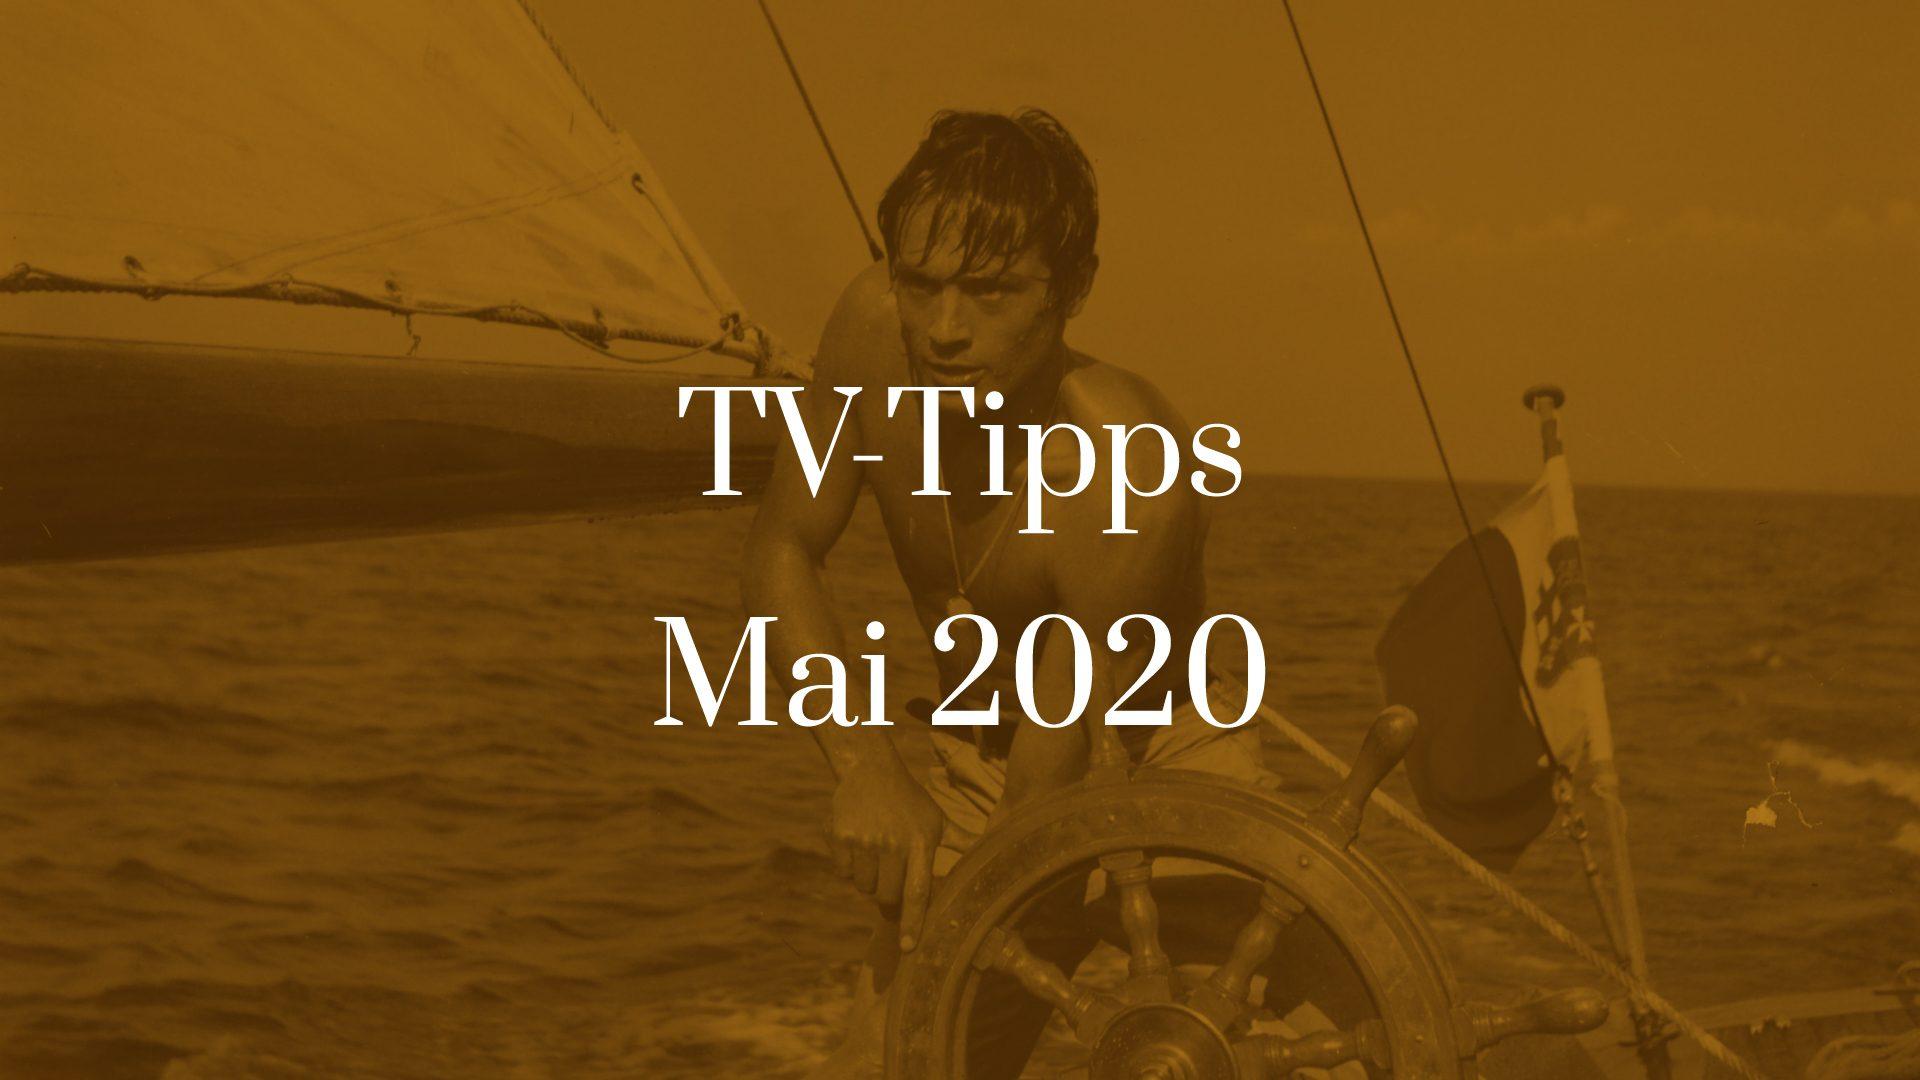 Titelbild zu TV-Tipps für Mai 2020